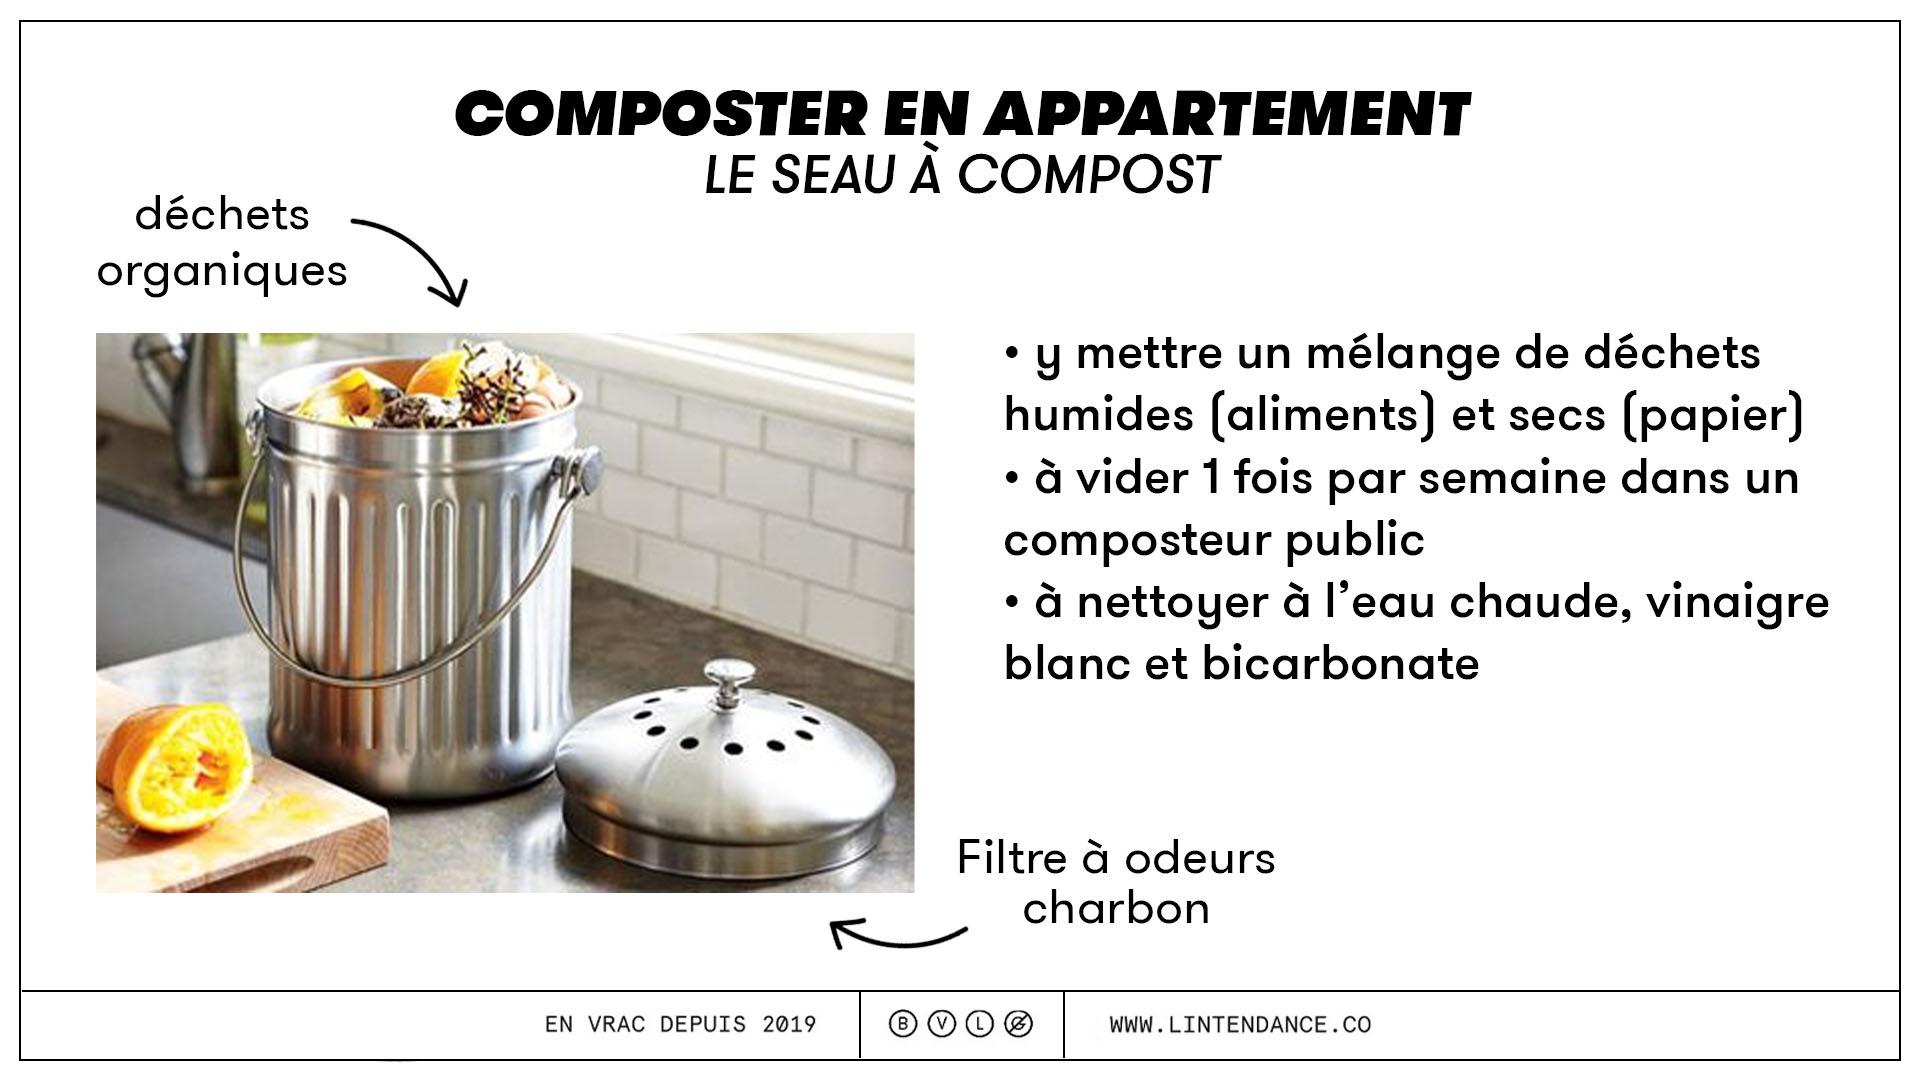 Composter en appartement avec le seau à compost